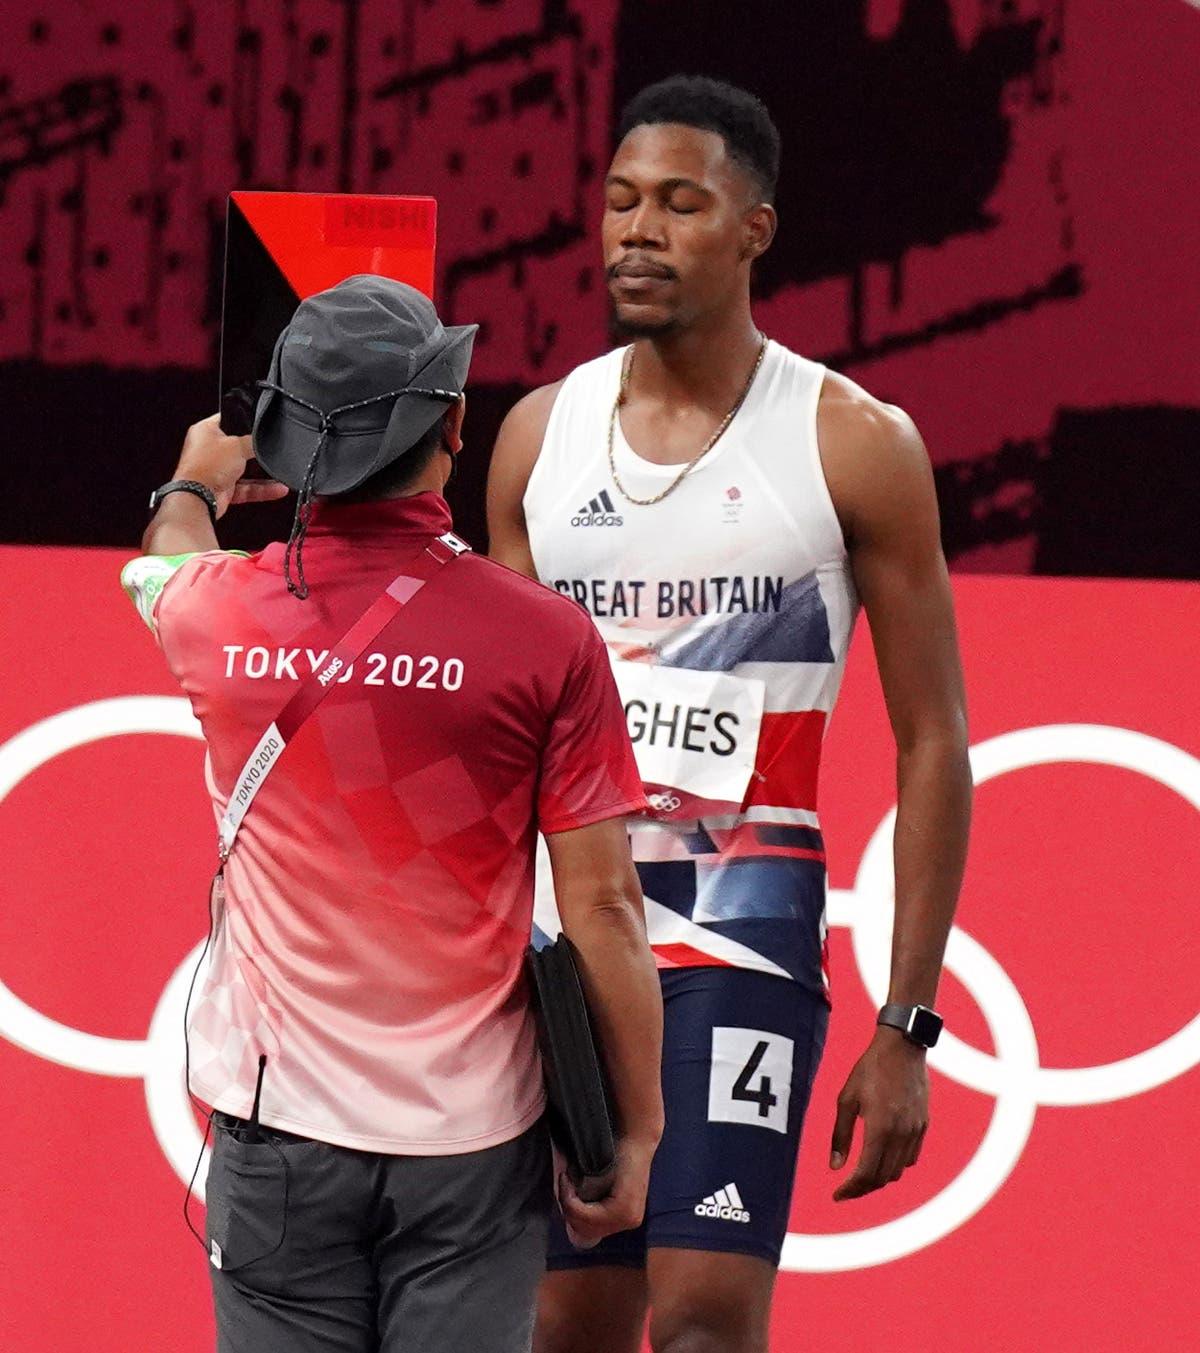 Zharnel Hughes blâme la crampe pour la disqualification finale du 100 m